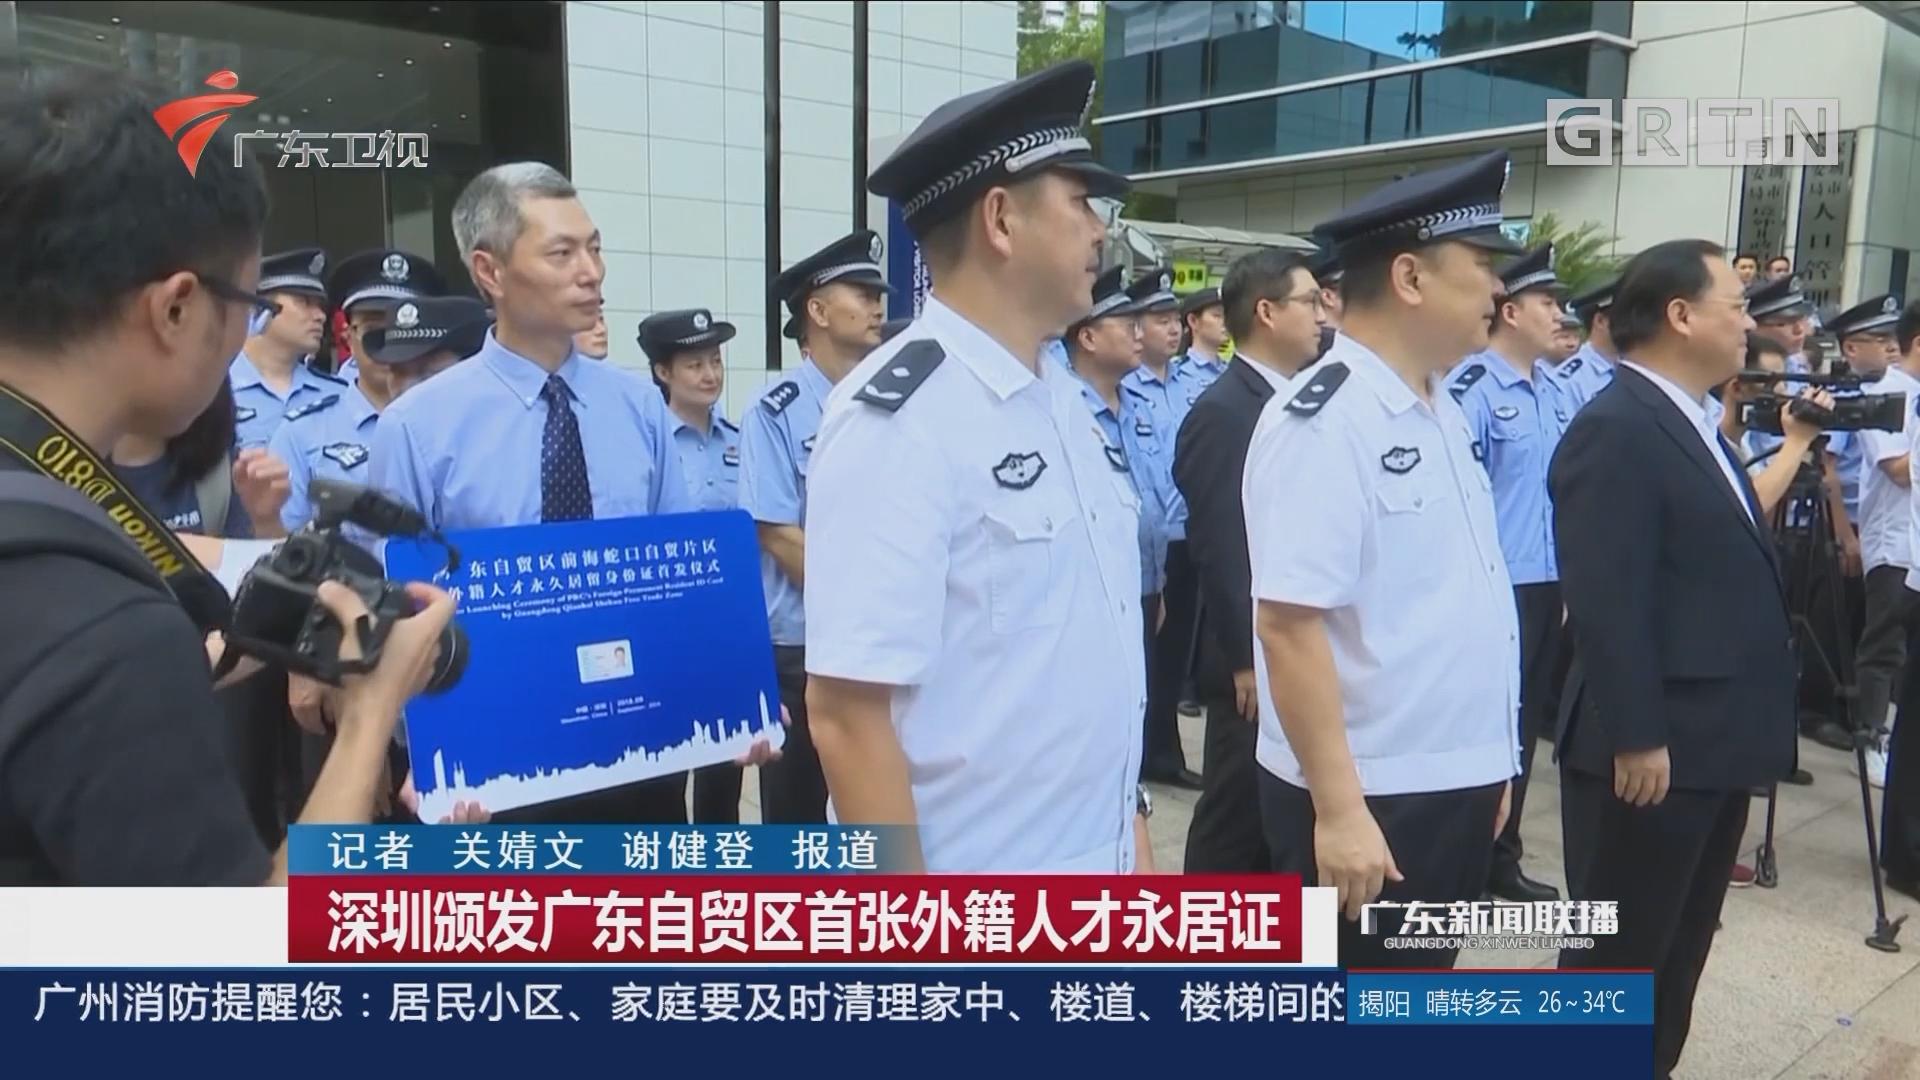 深圳颁发广东自贸区首张外籍人才永居证